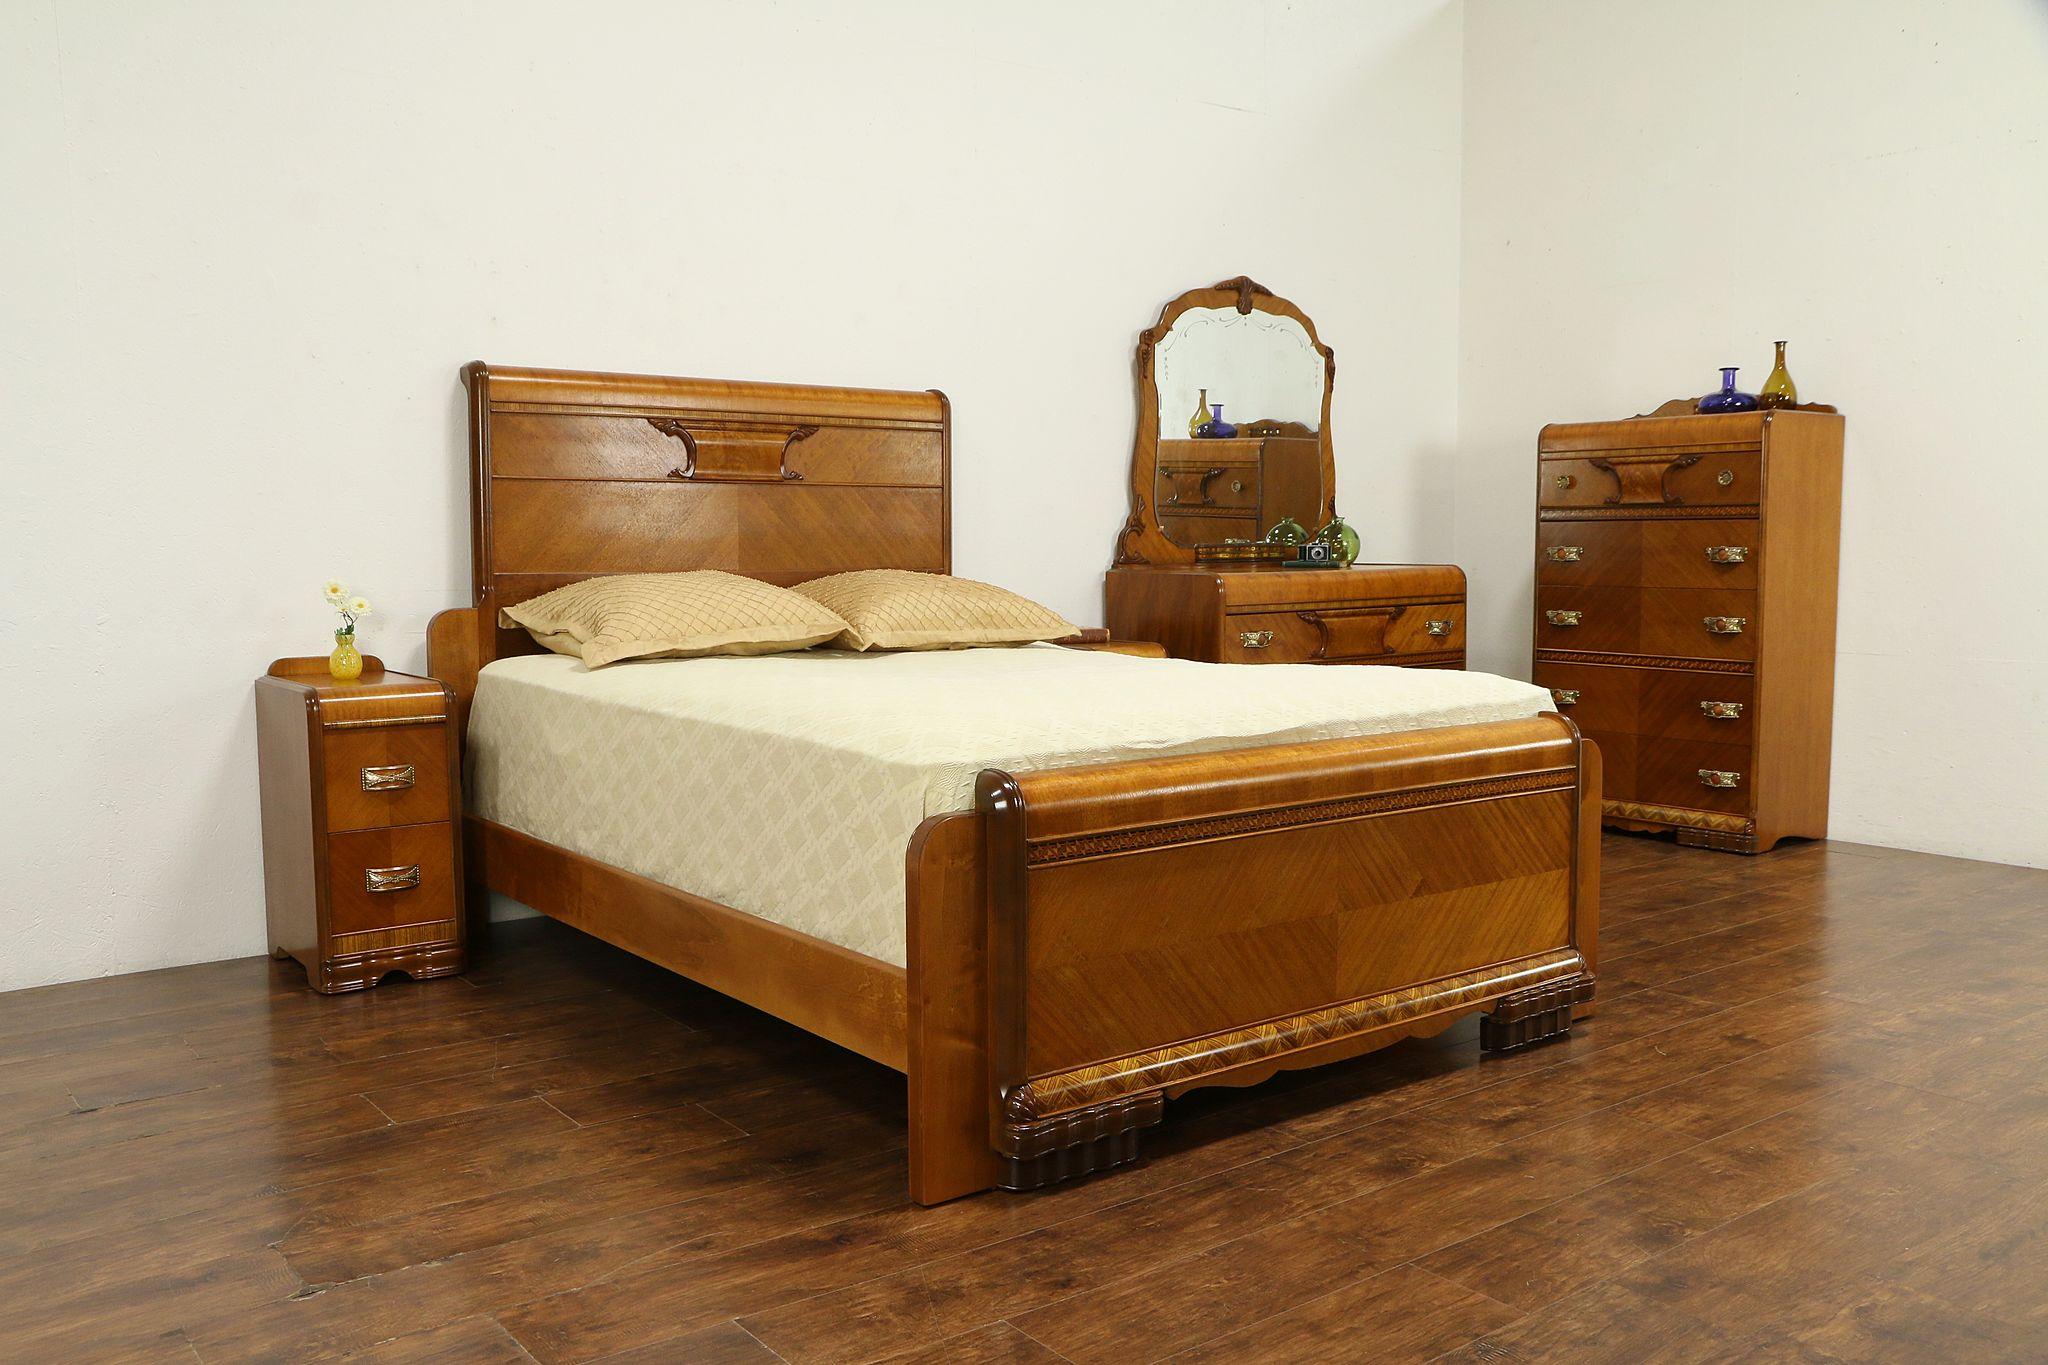 Art Deco Waterfall Vintage 5 Pc Bedroom Set, Queen Size Bed #32439